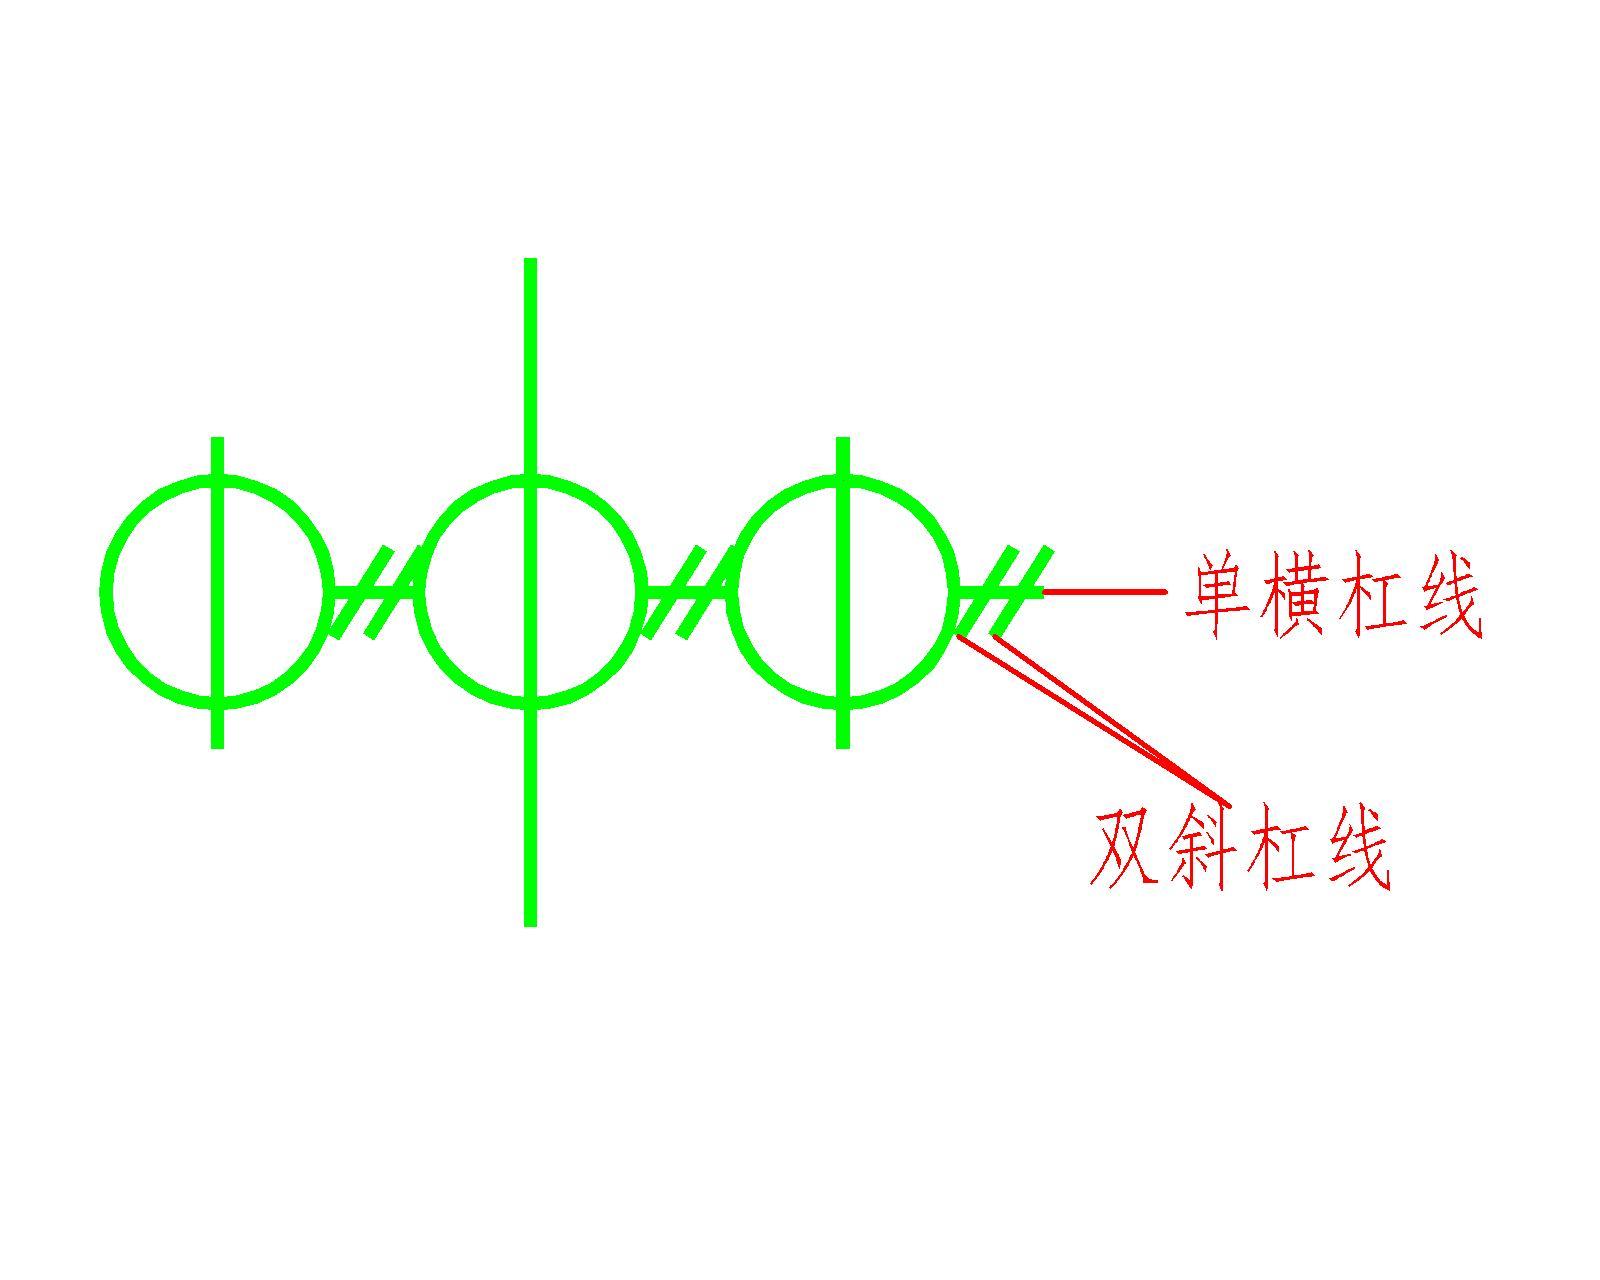 C5 常用的电气图形符号